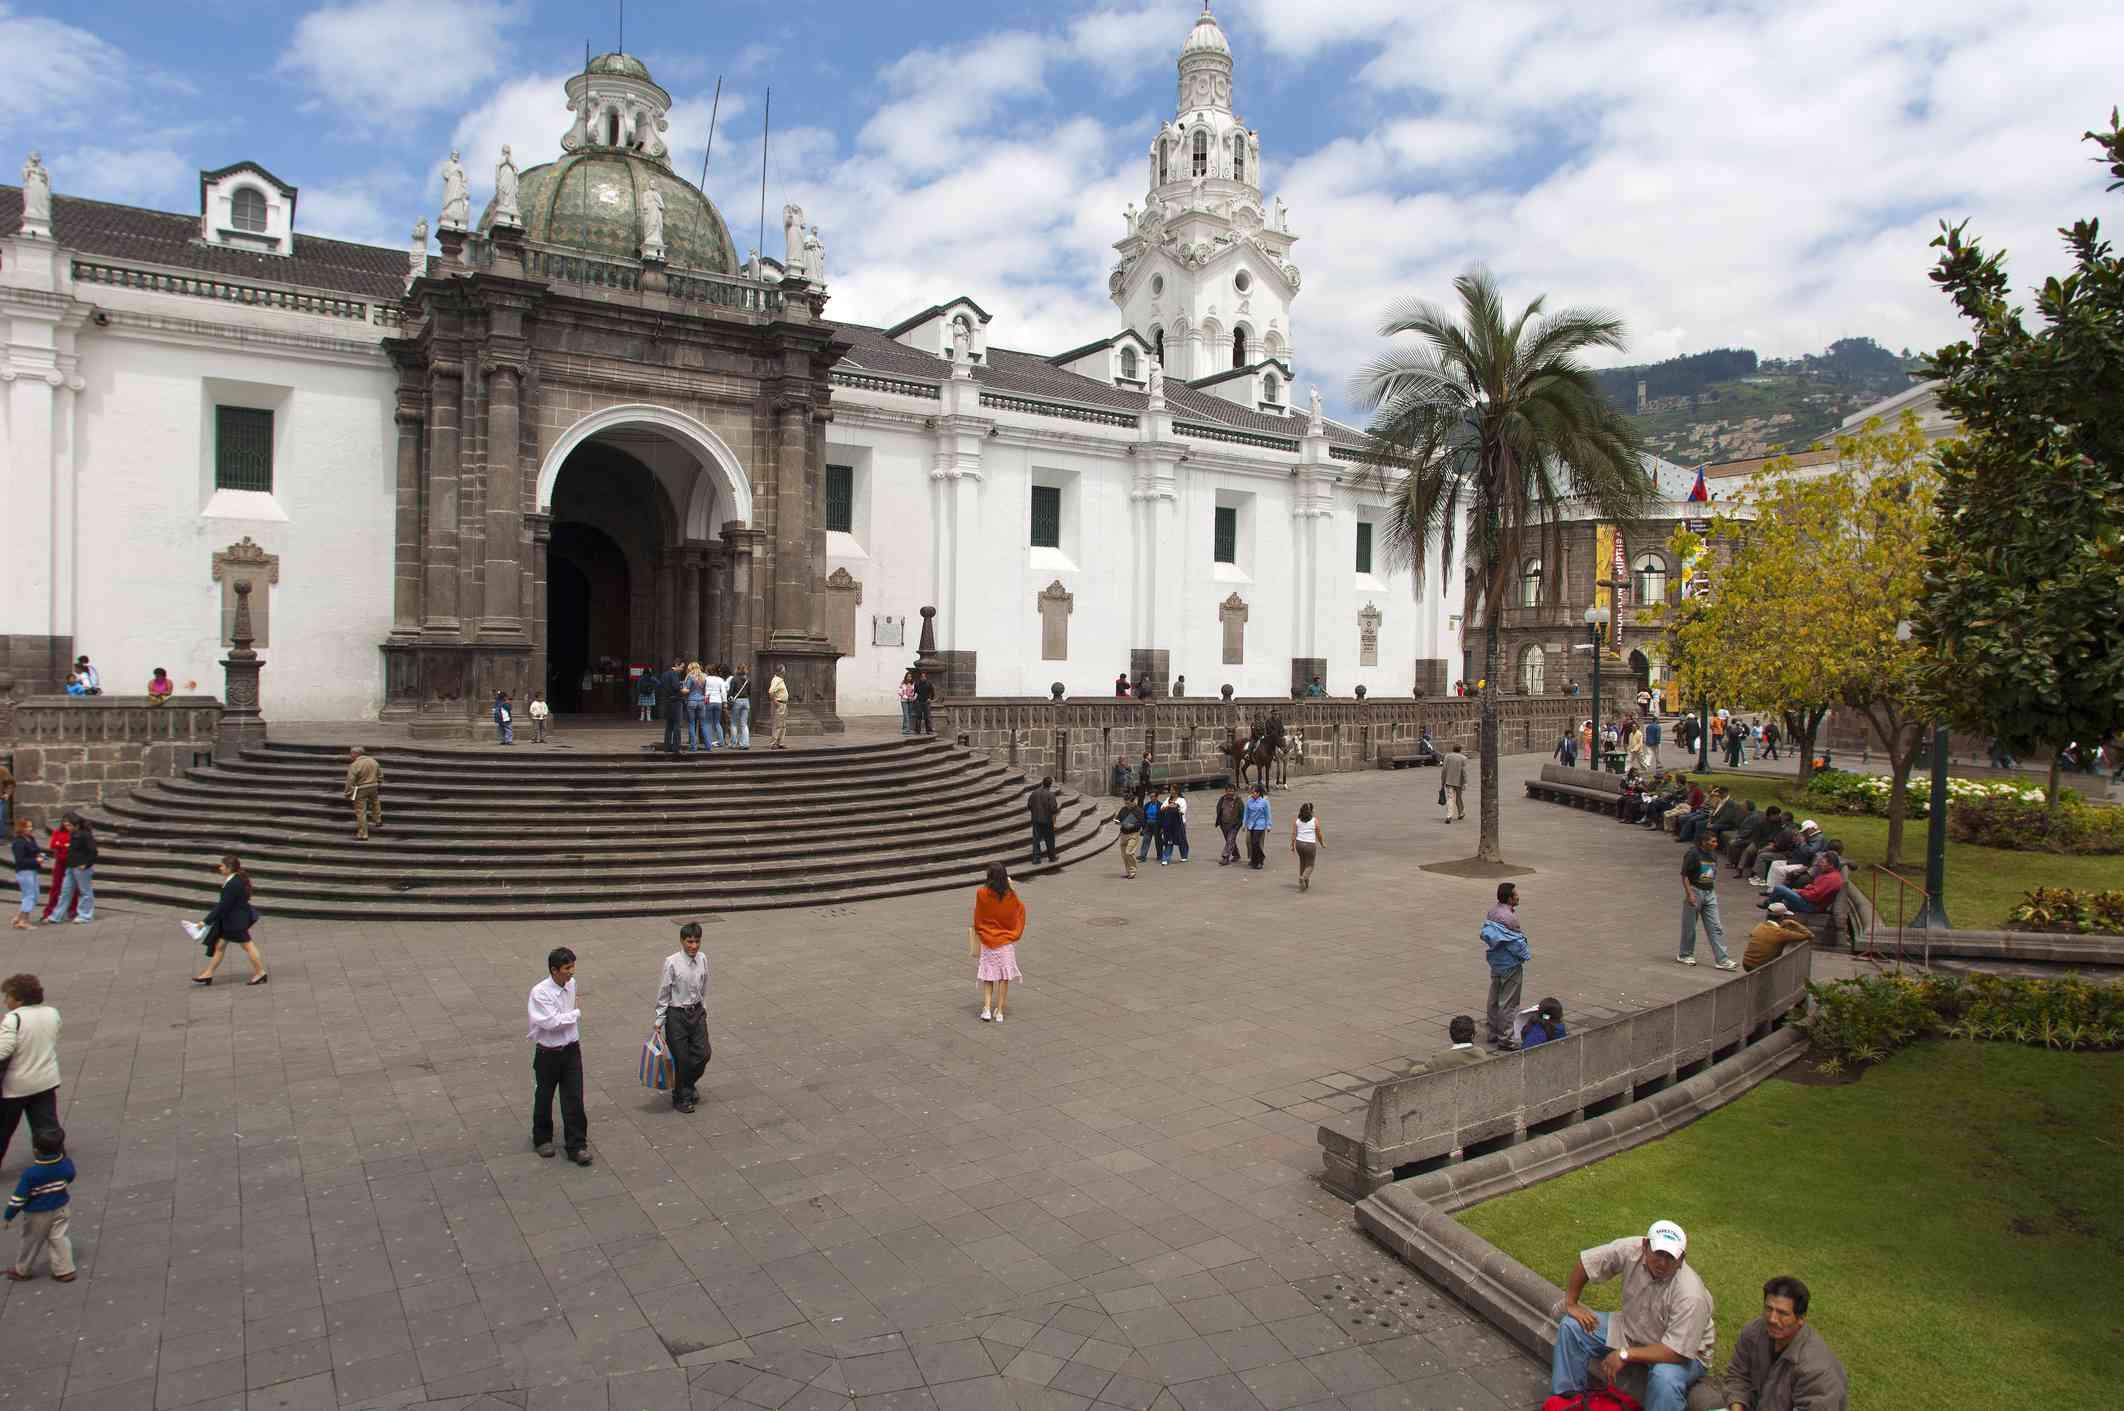 Placa (square) de la Independencia, the Cathedral